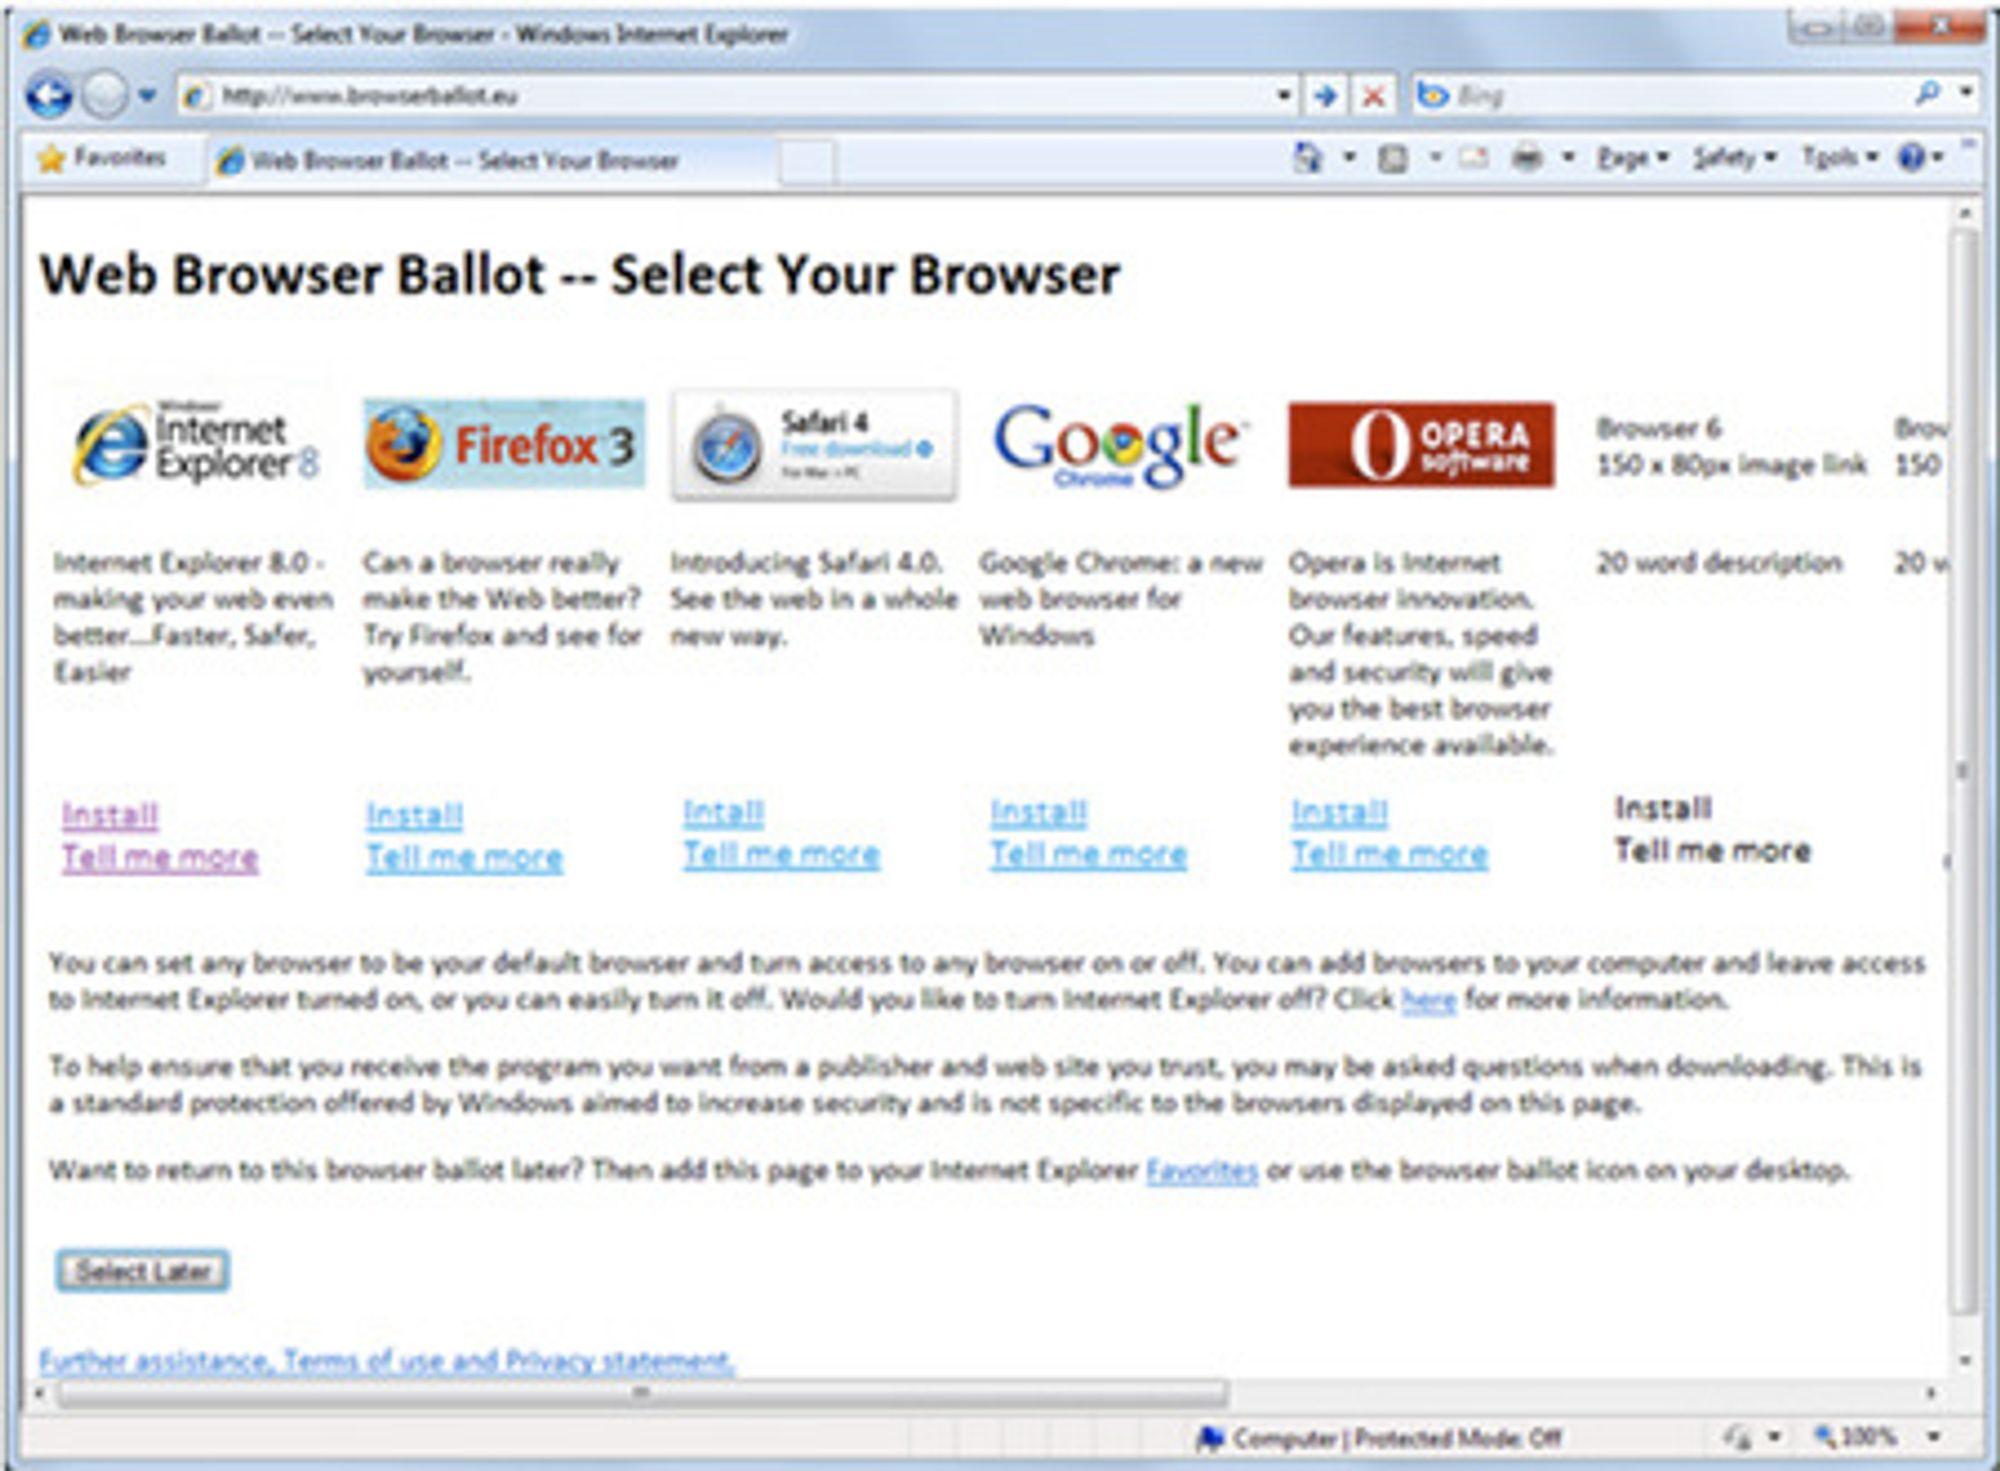 Slik fremstår Microsofts foreslåtte nettleser-valg i Windows 7, ifølge The Register.